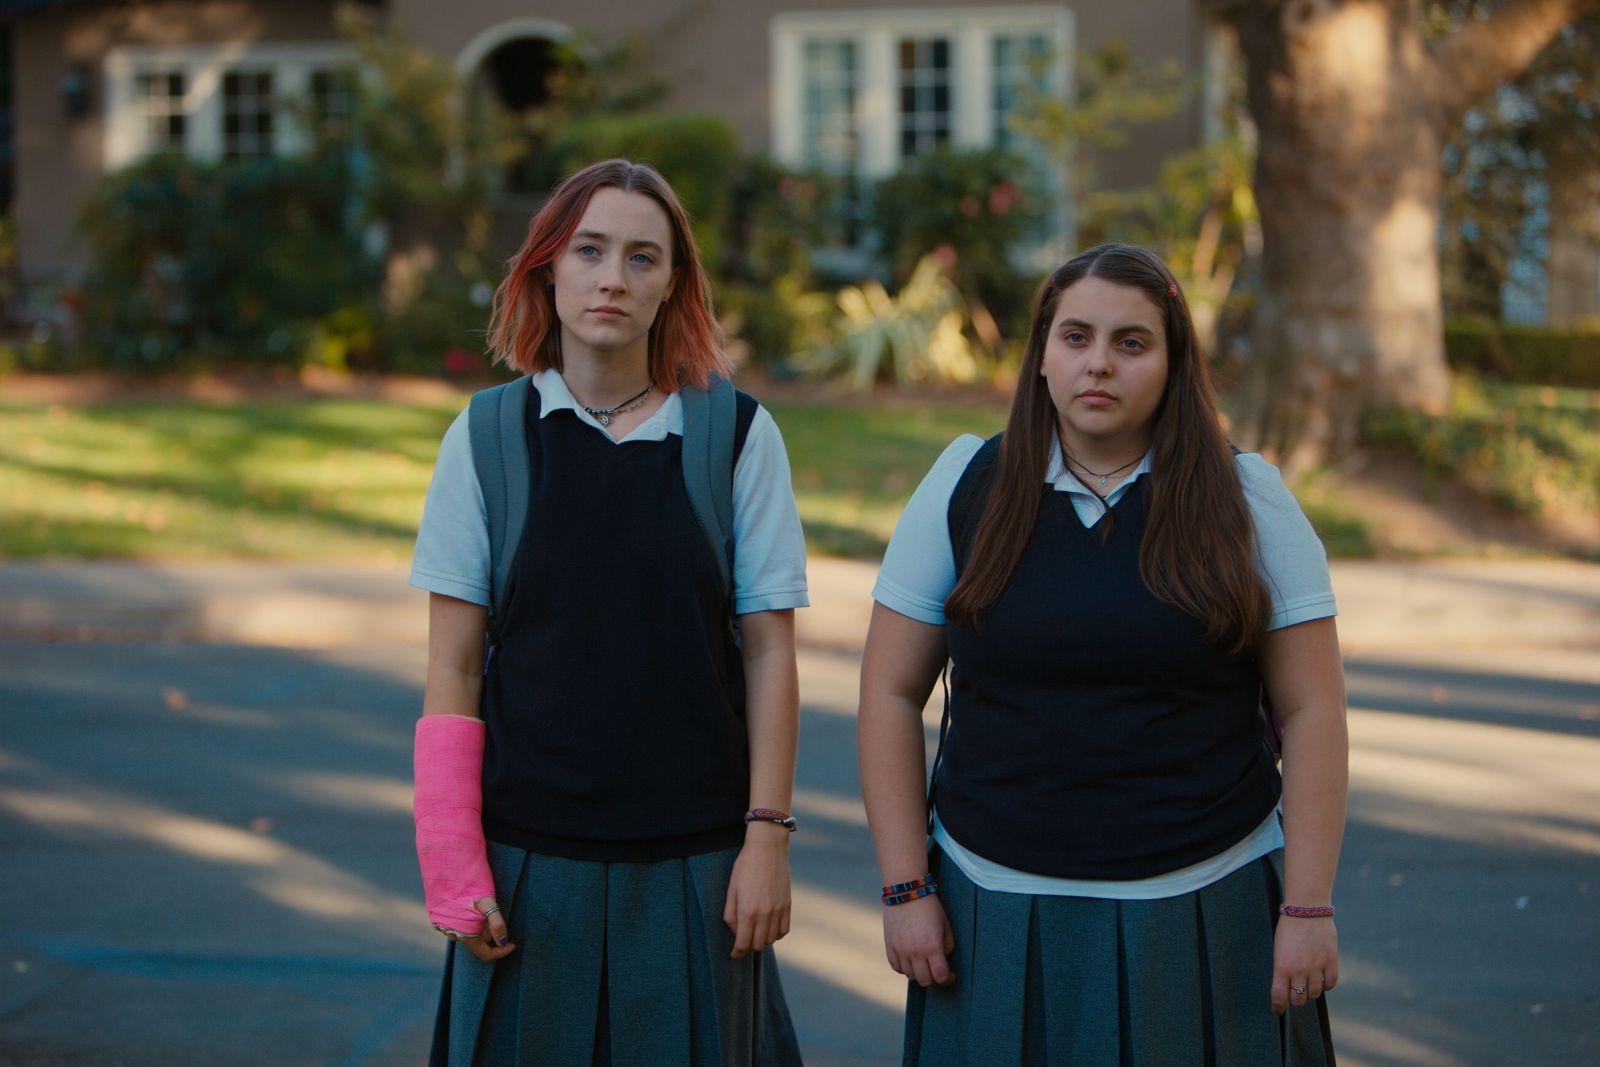 8 películas 'coming-of-age' sobre autodescubrimiento que definen la juventud y el paso del tiempo